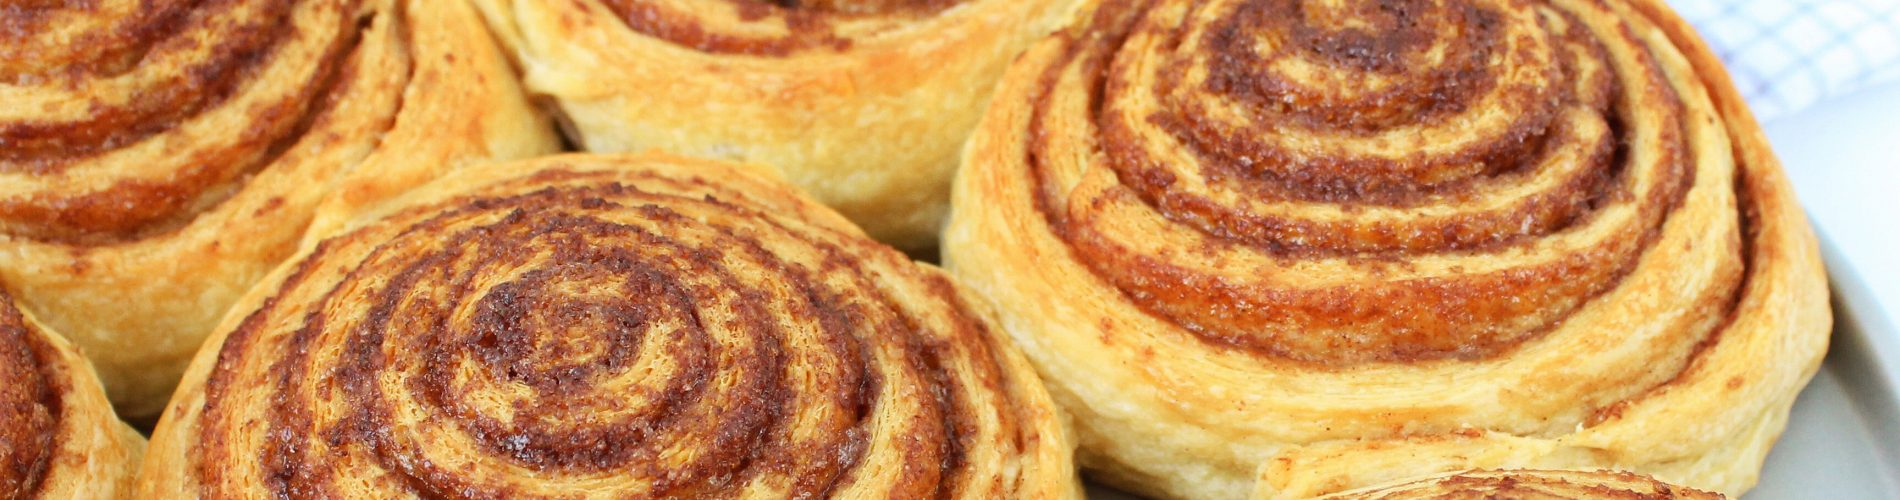 Zoete hapjes | cinnamon rolls